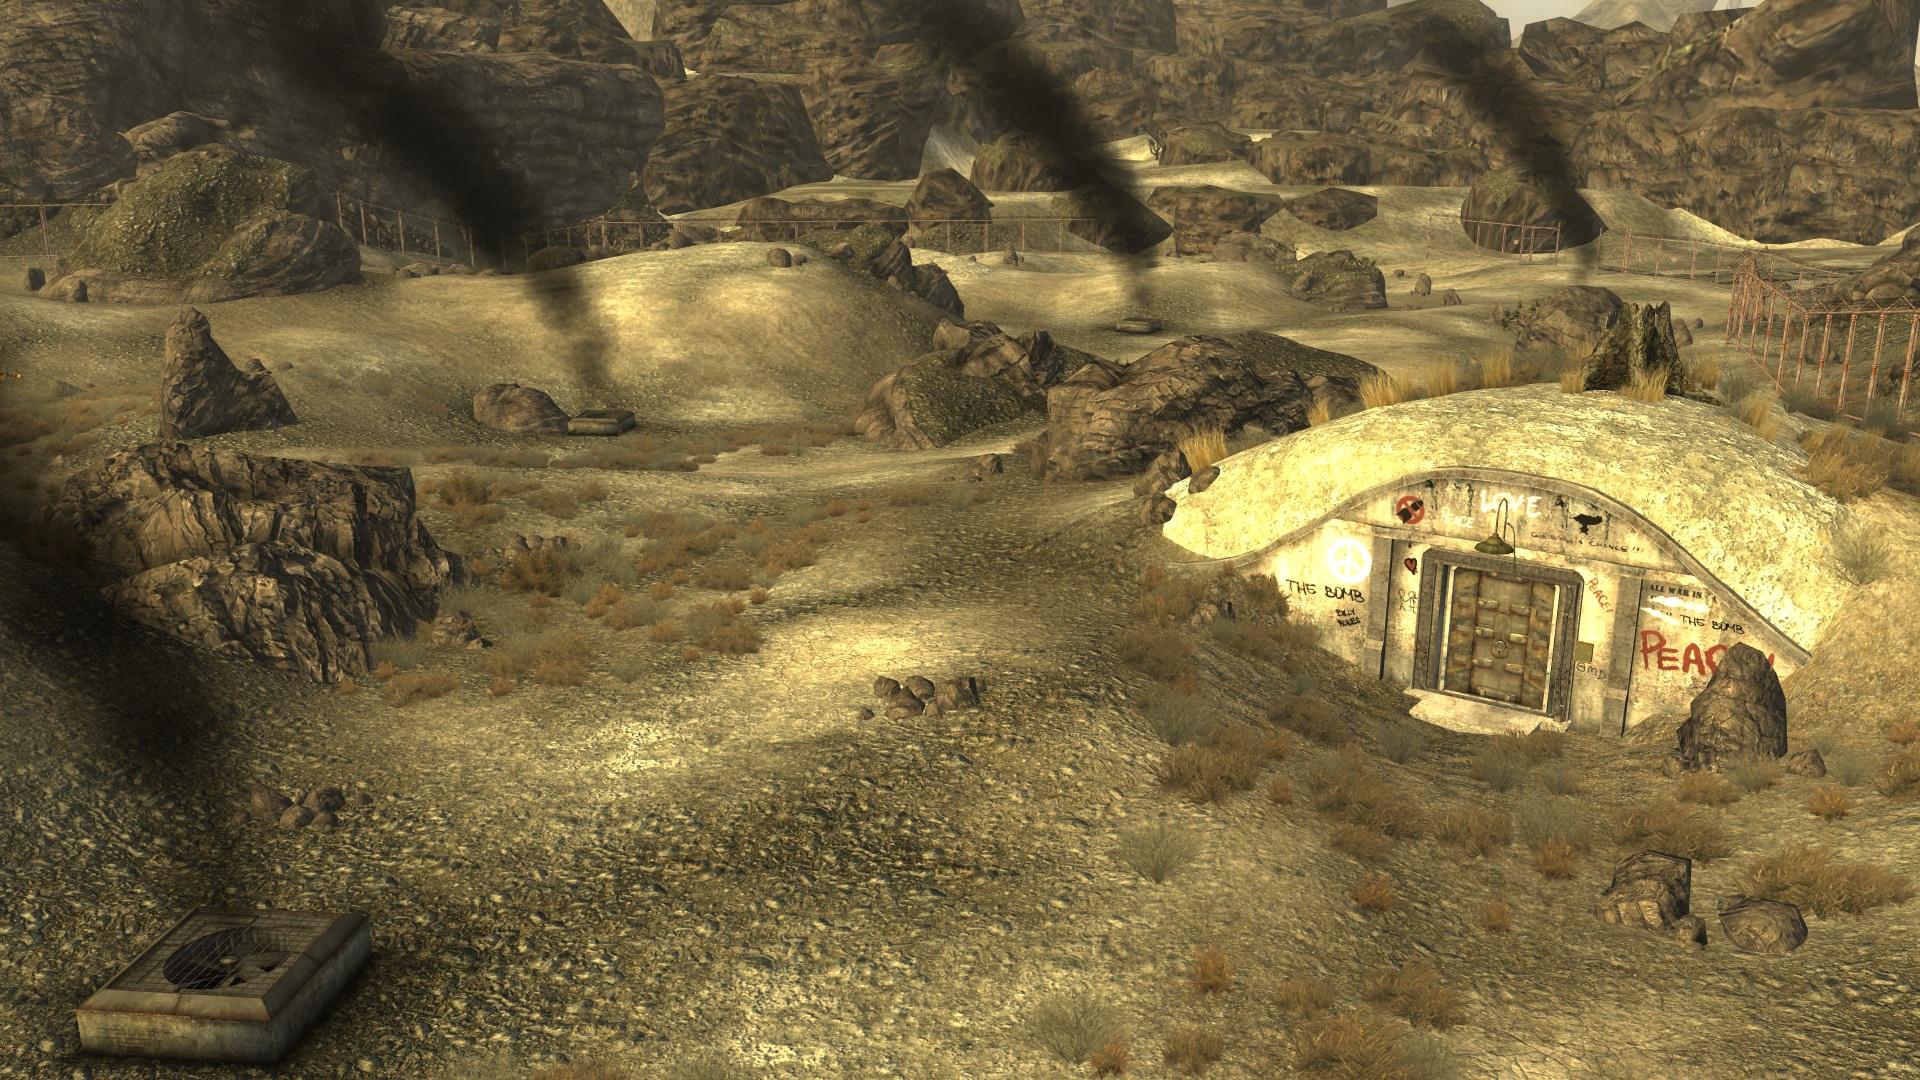 Fallout new vegas прохождение казино всегда в выигрыше 5 исходники и скрипт интернет-казино нового поколения